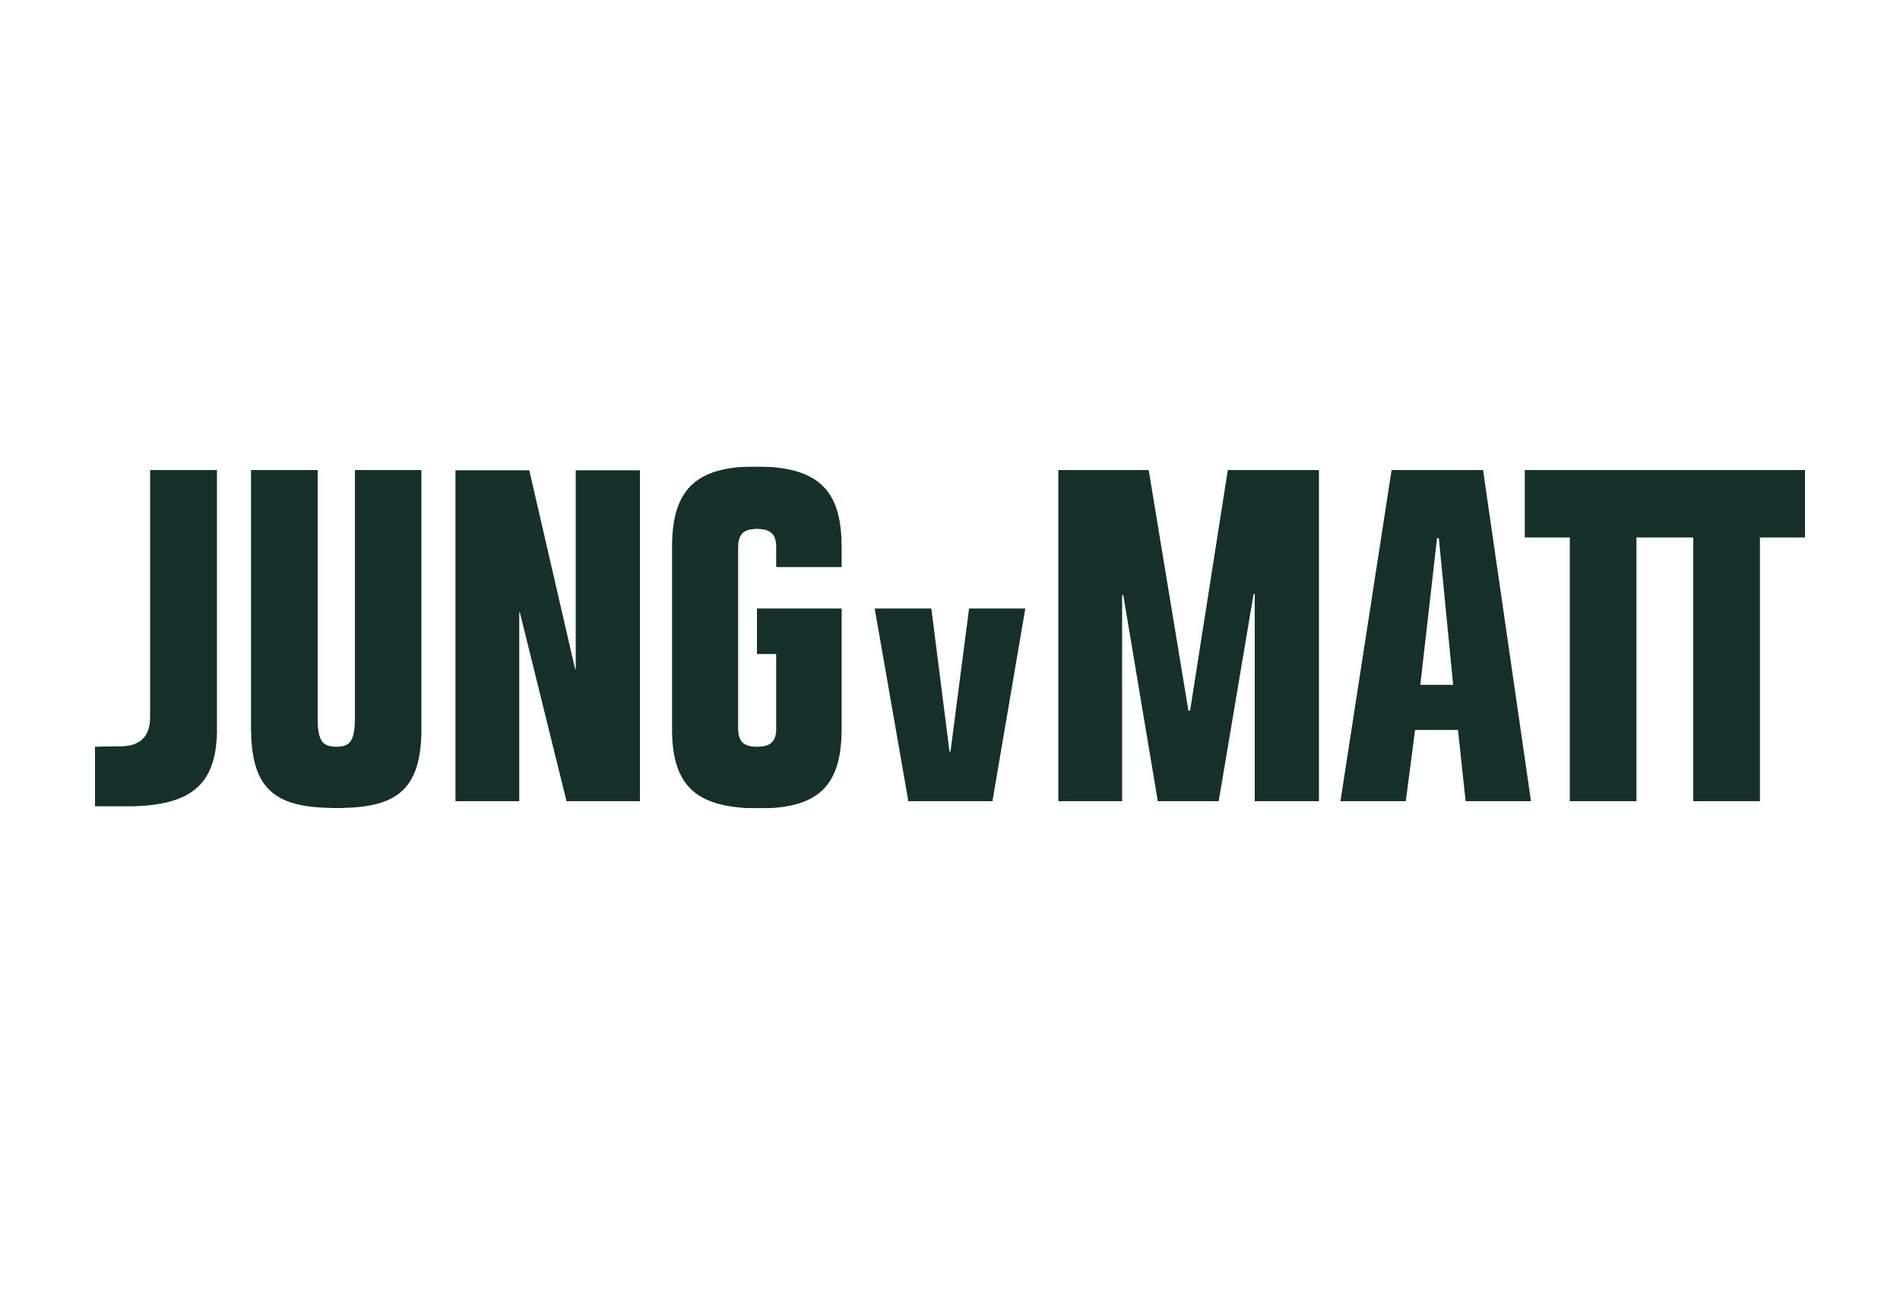 Jung-von-Matt-real-life-yoga-zurich-company.jpg